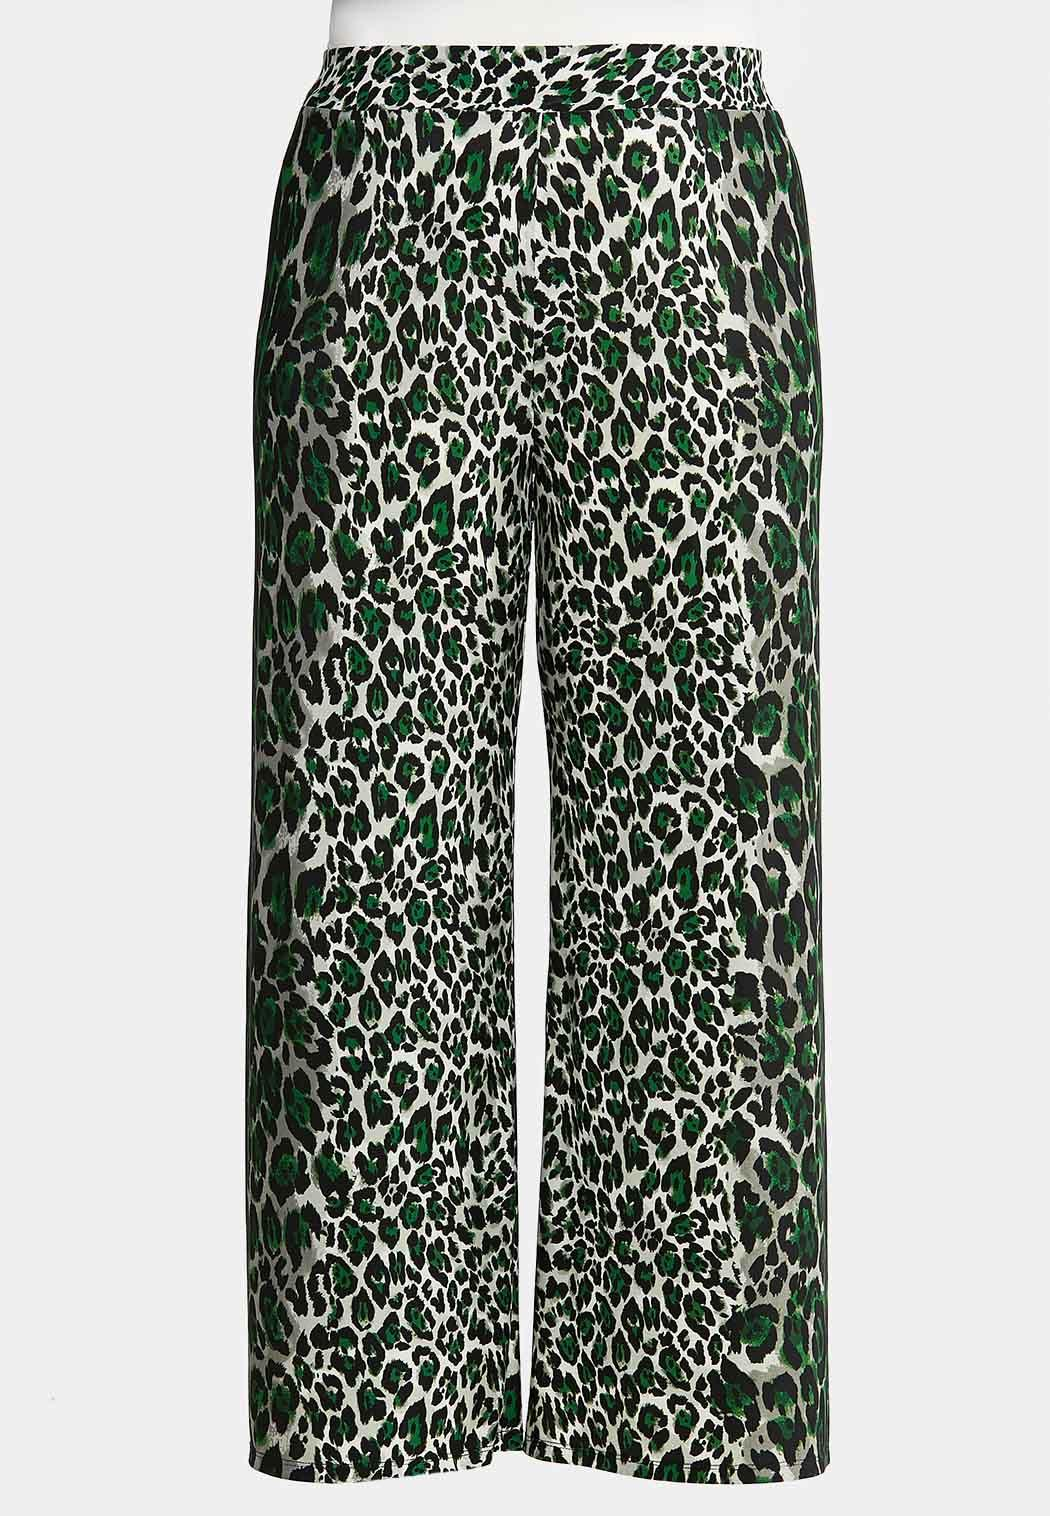 Plus Size Leopard Palazzo Pants